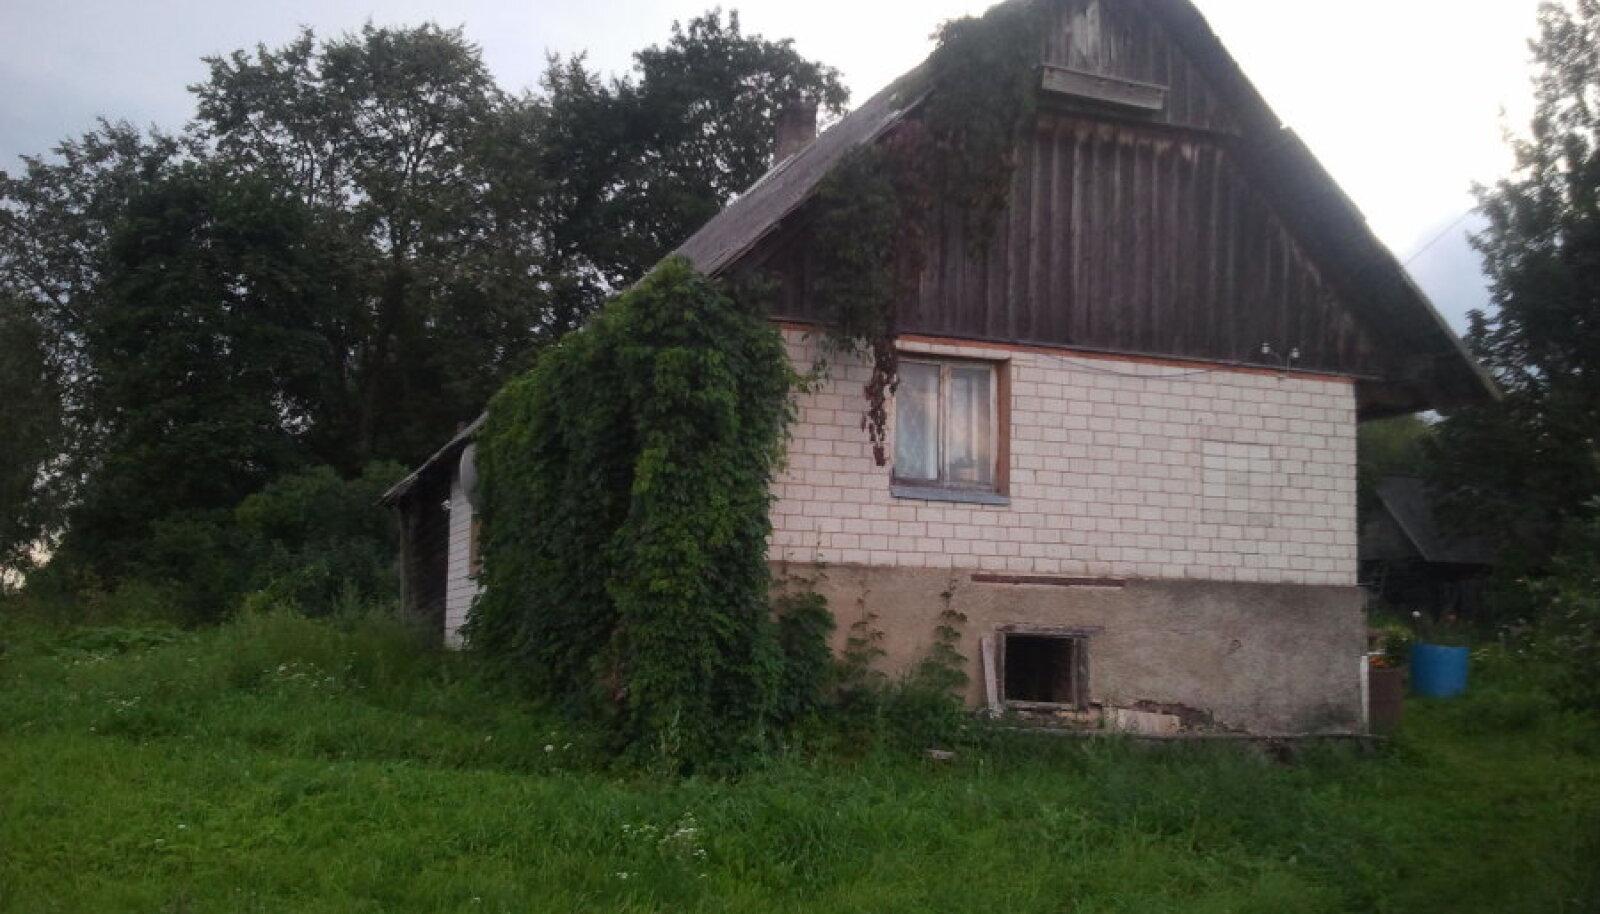 Tüdruk elas oma vanematega küllaltki eraldatud hajaasutusega külas väikeses majas.